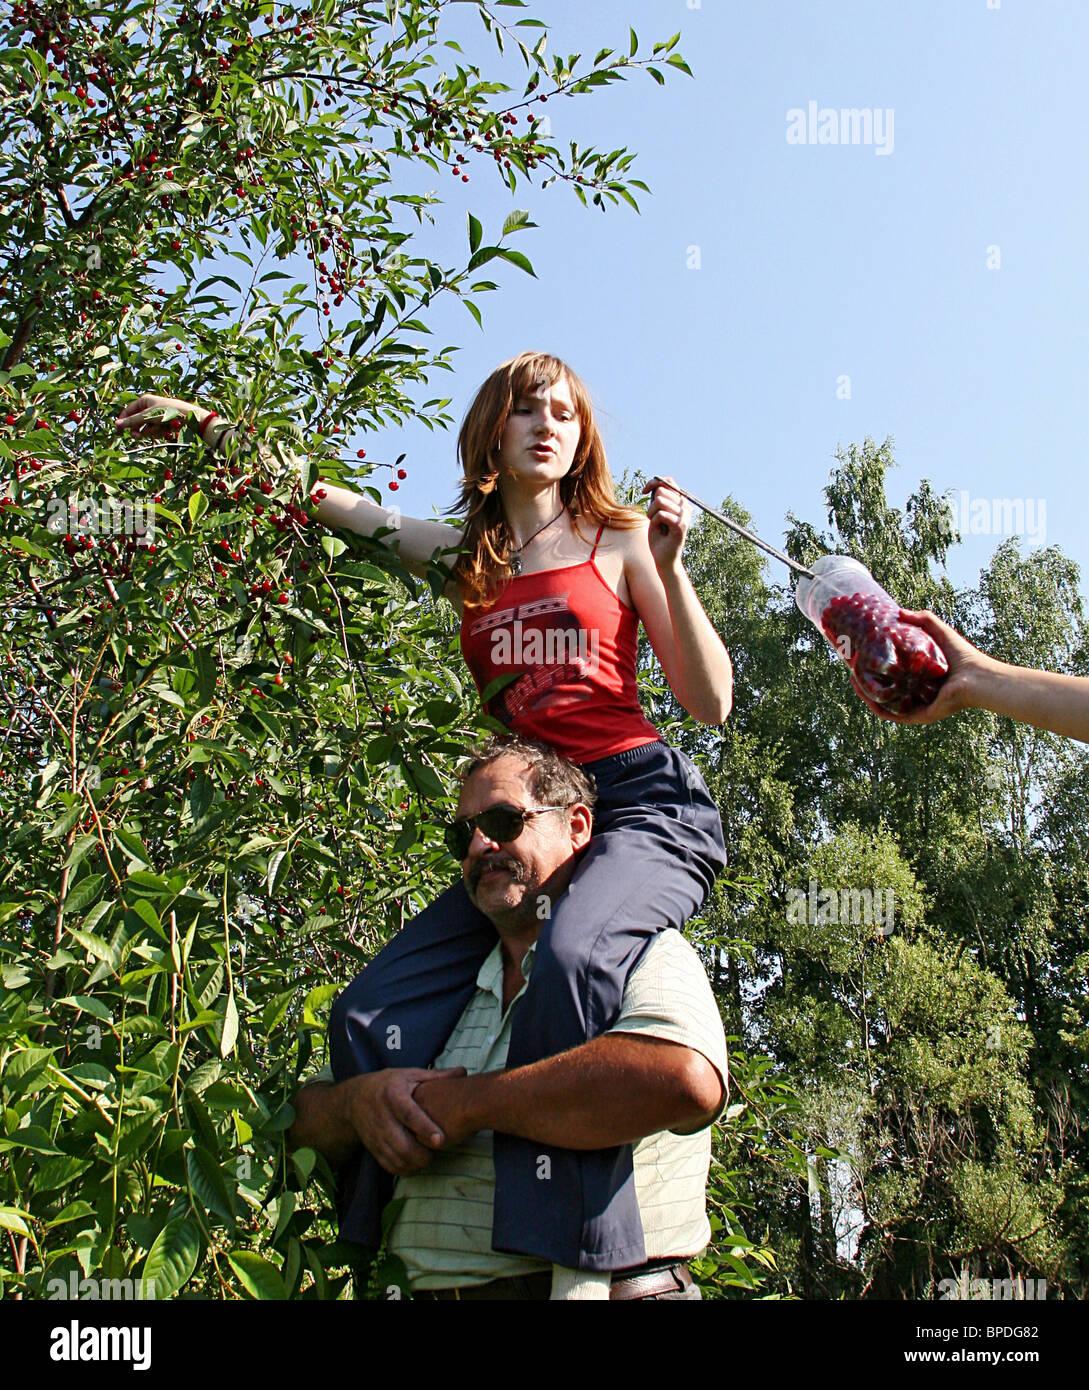 Cherry picking - Stock Image